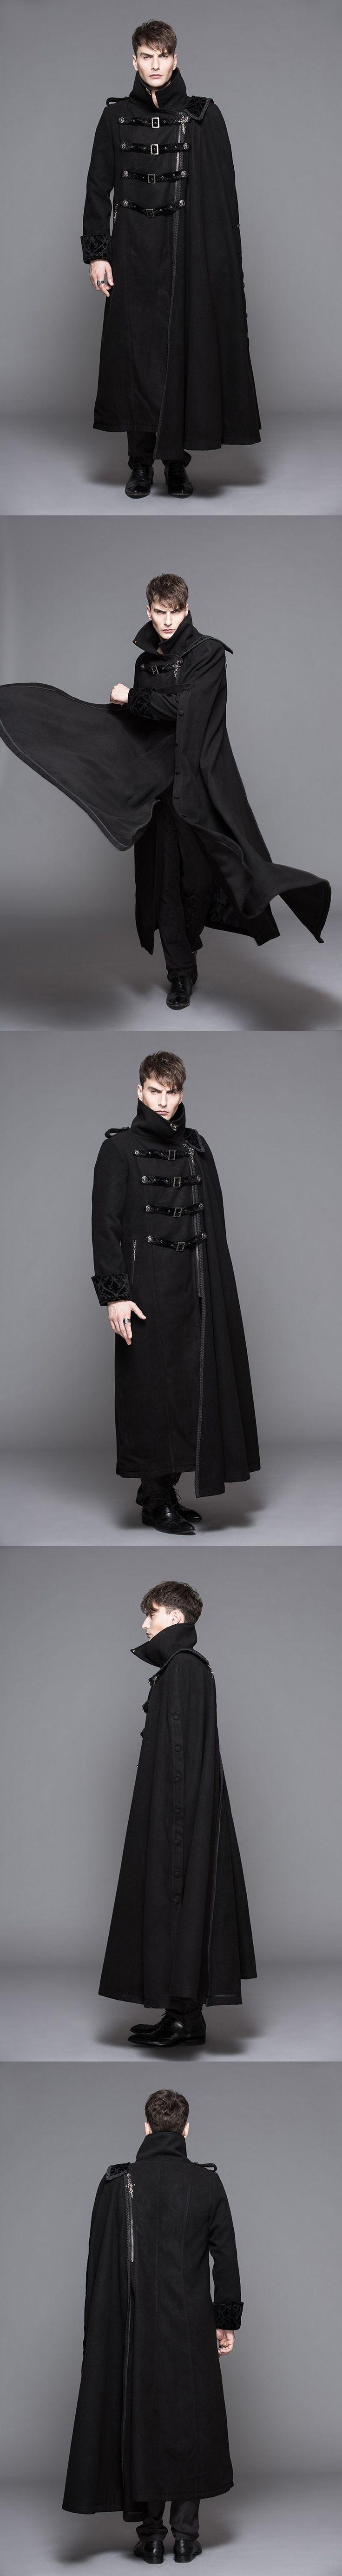 Hommes De Mode de Causalité Manteau D'hiver De Laine Chaud Amovible Cape Manteau De Mode Punk Gothique Outwear Hommes Poussière Manches Amovible Cape Manteau